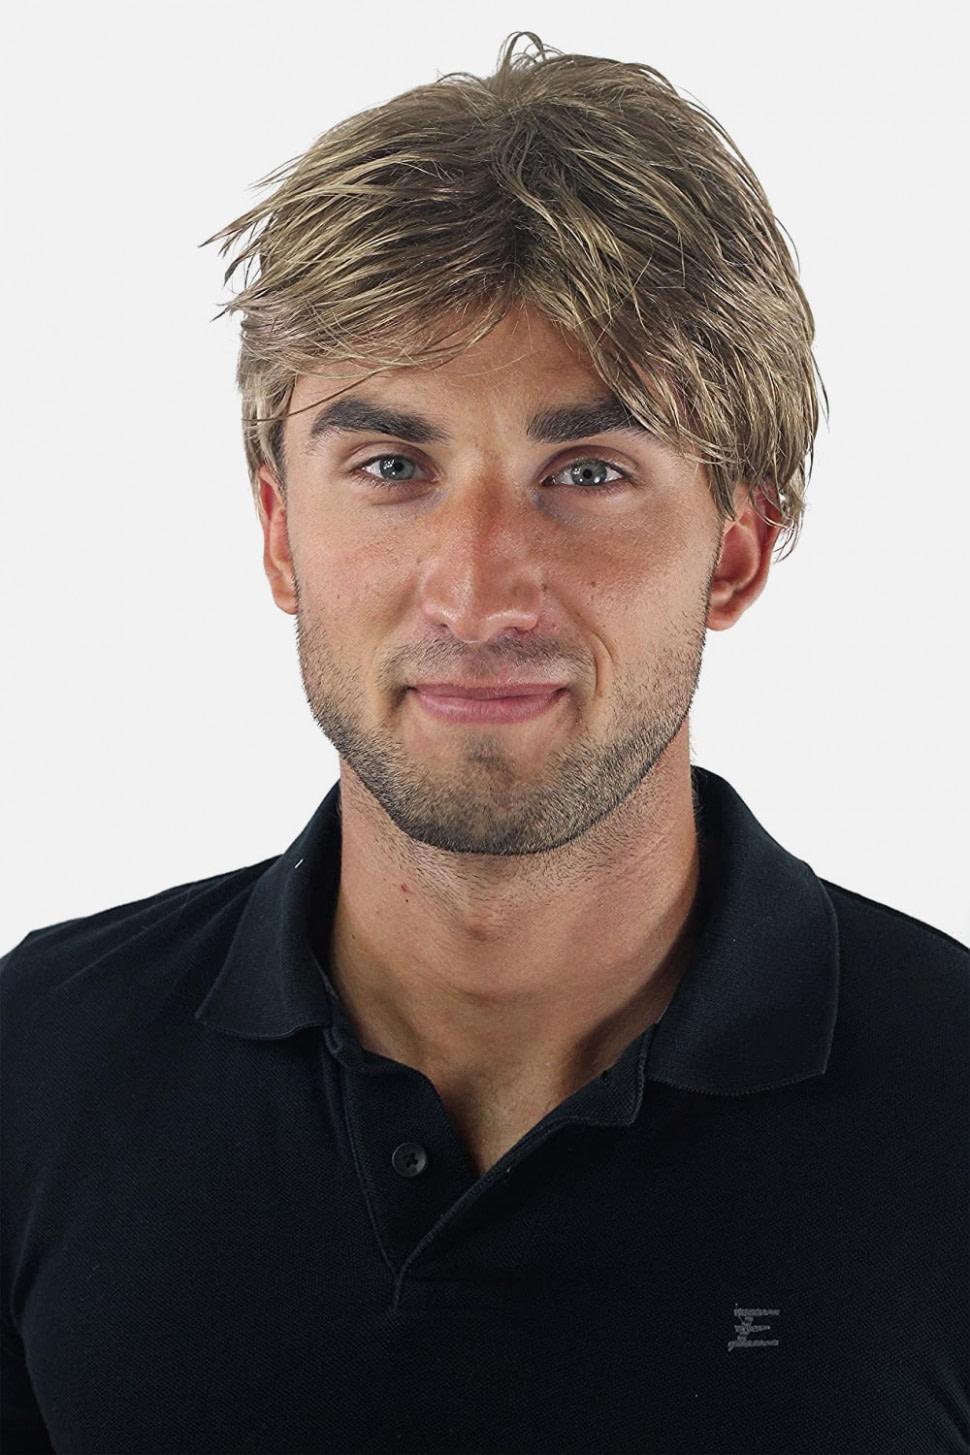 neu Neue Beste Manner Frisuren Seiten Kurz